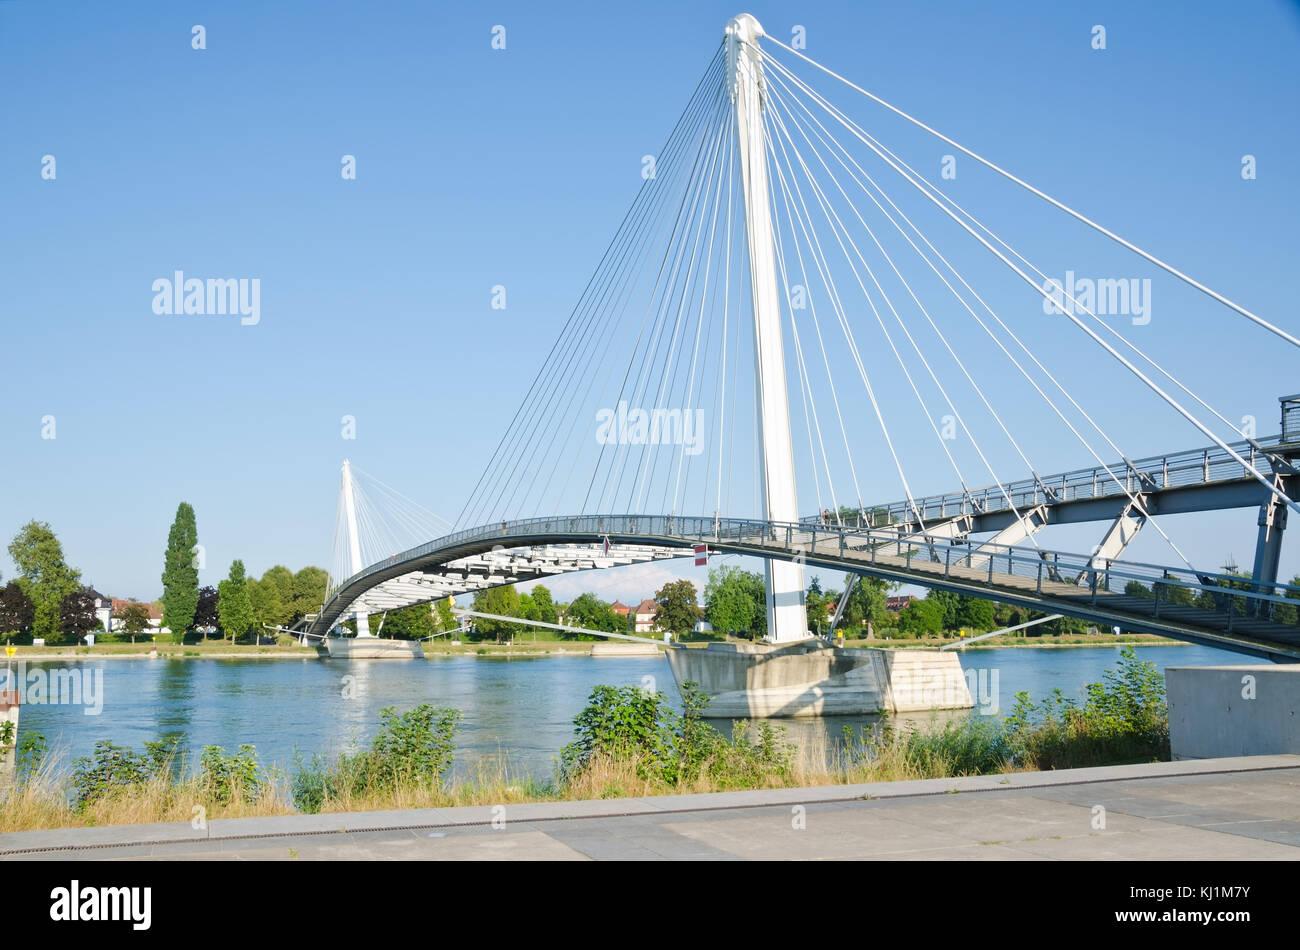 Estrasburgo, Francia. El 31 de agosto de 2016. La passerelle mimram, un puente peatonal que une el alemán y francés lados del río Rin. Foto de stock